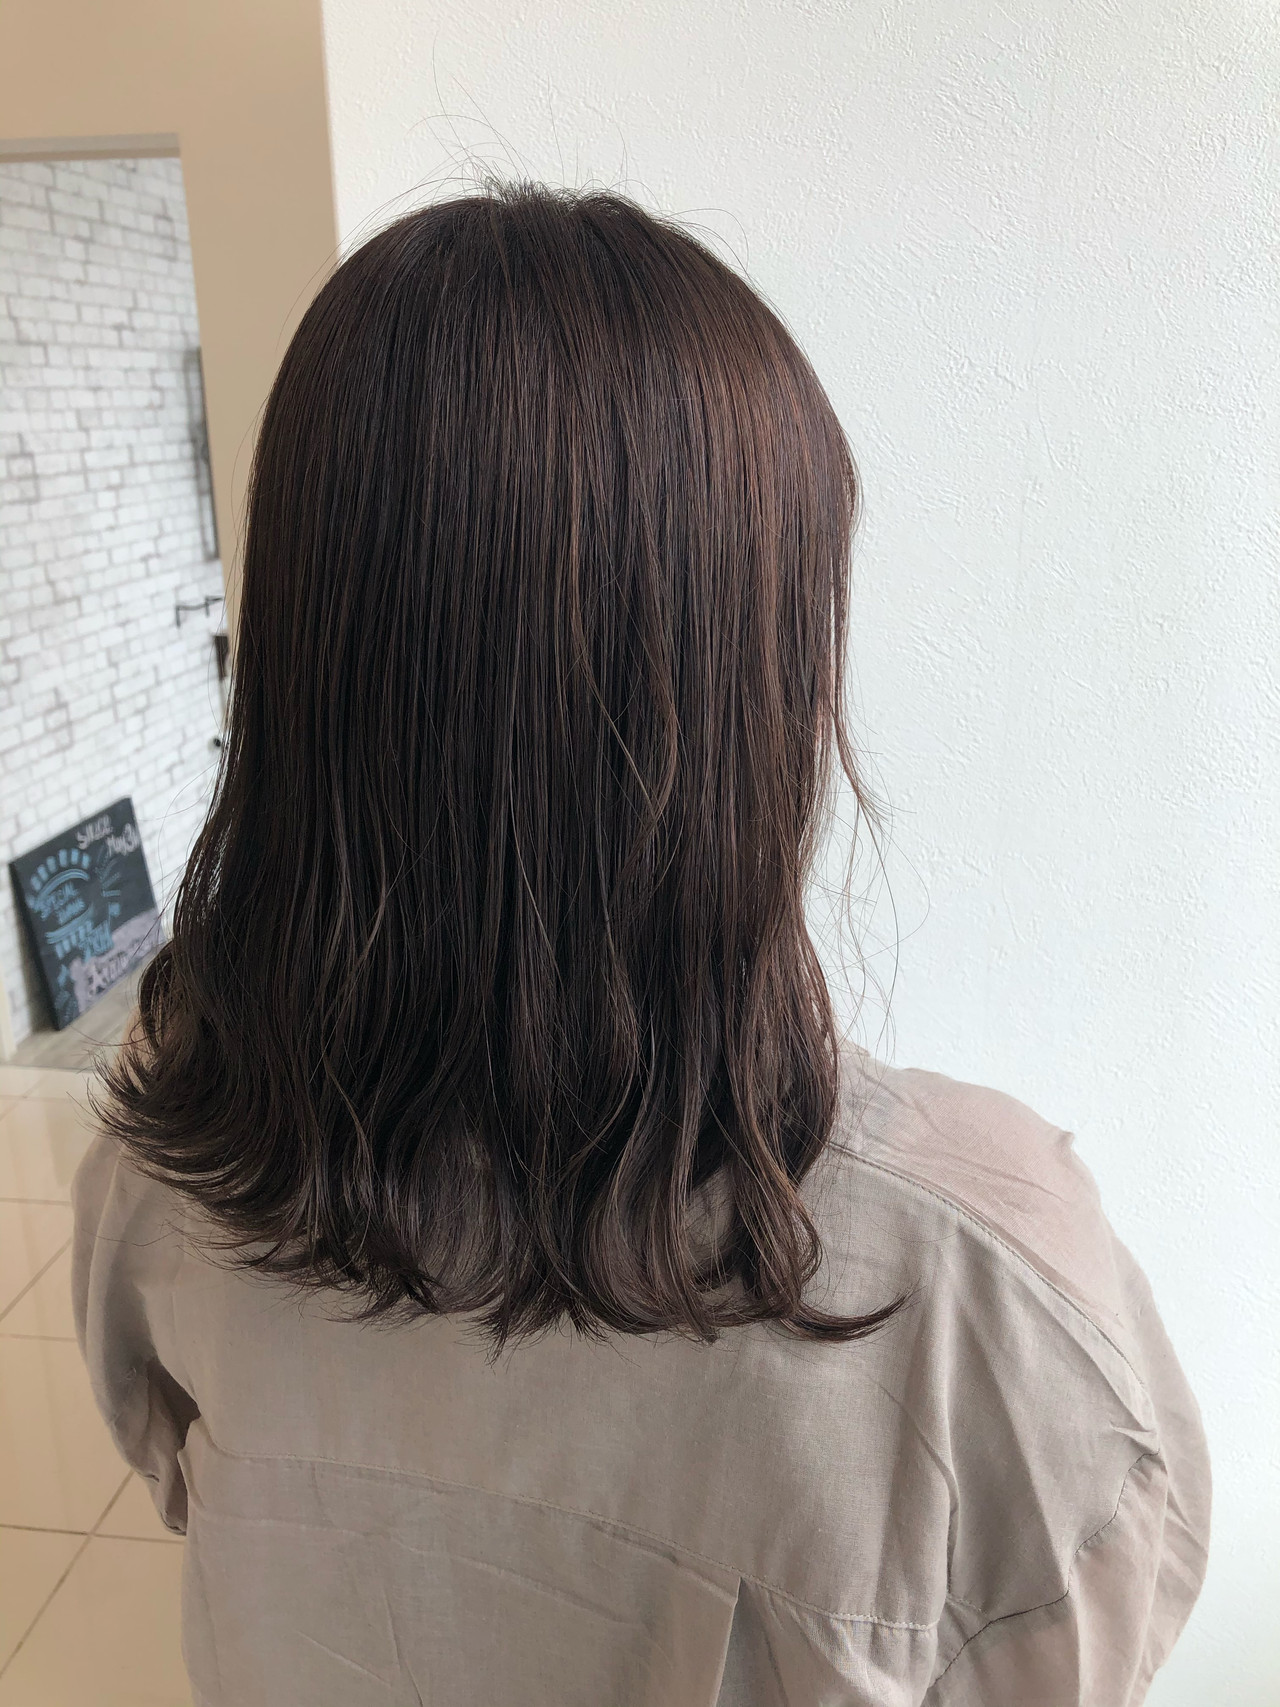 ミディアム フェミニン ベージュ ハイライト ヘアスタイルや髪型の写真・画像